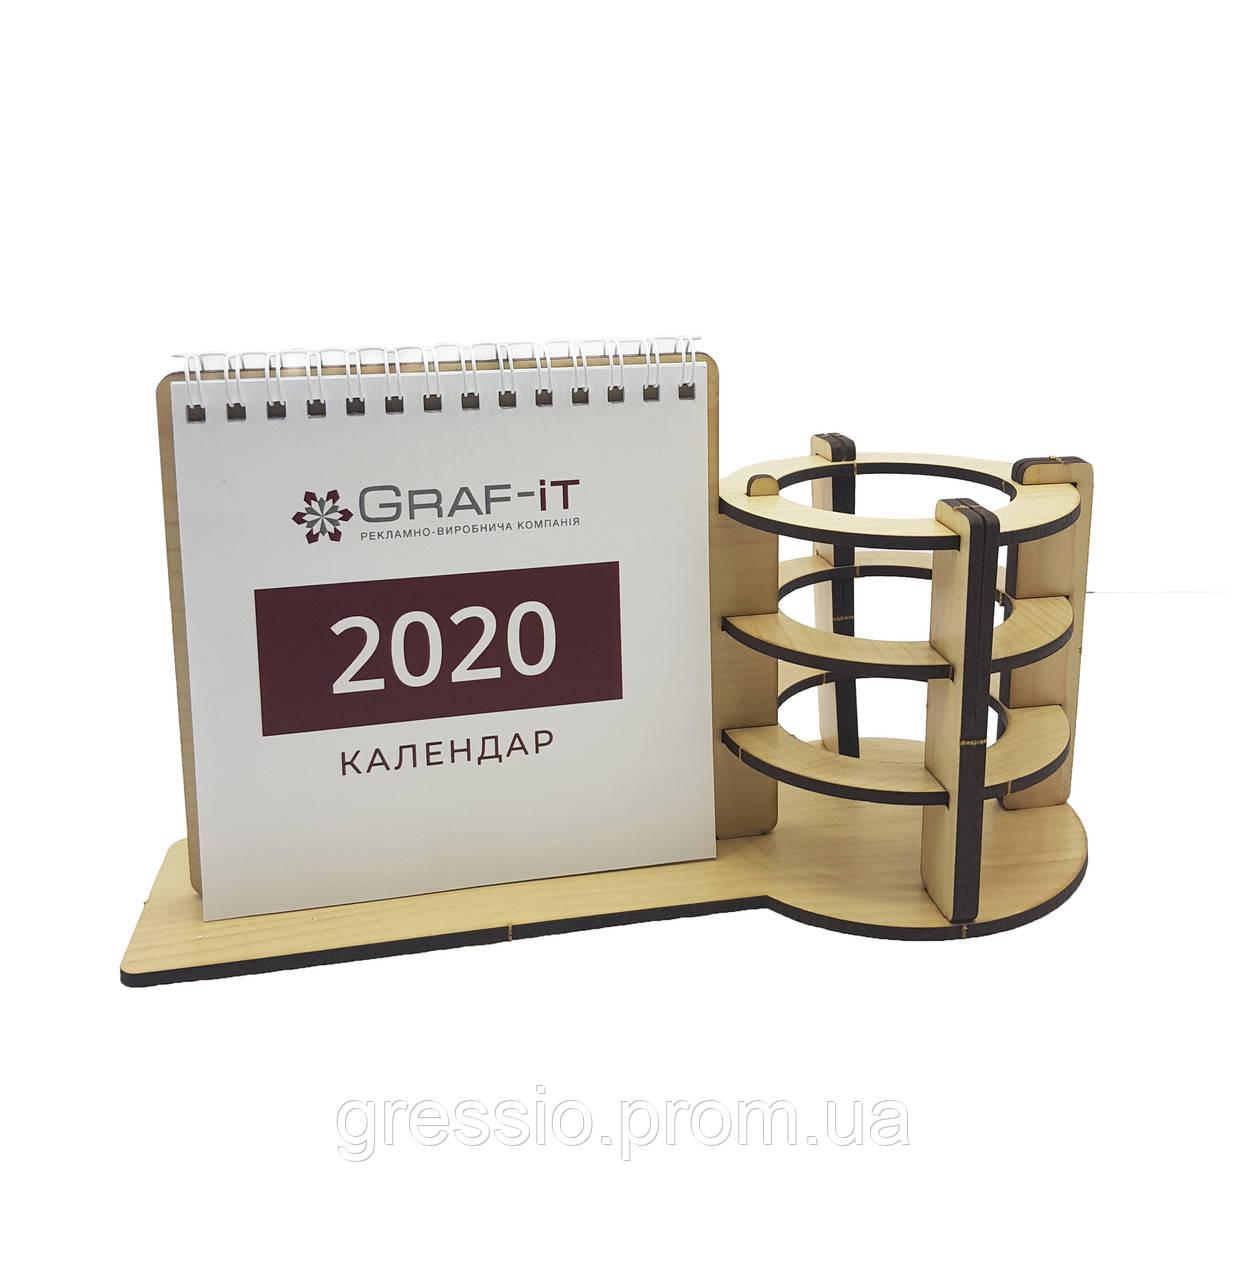 Календарь с круглой подставкой под канцтовары